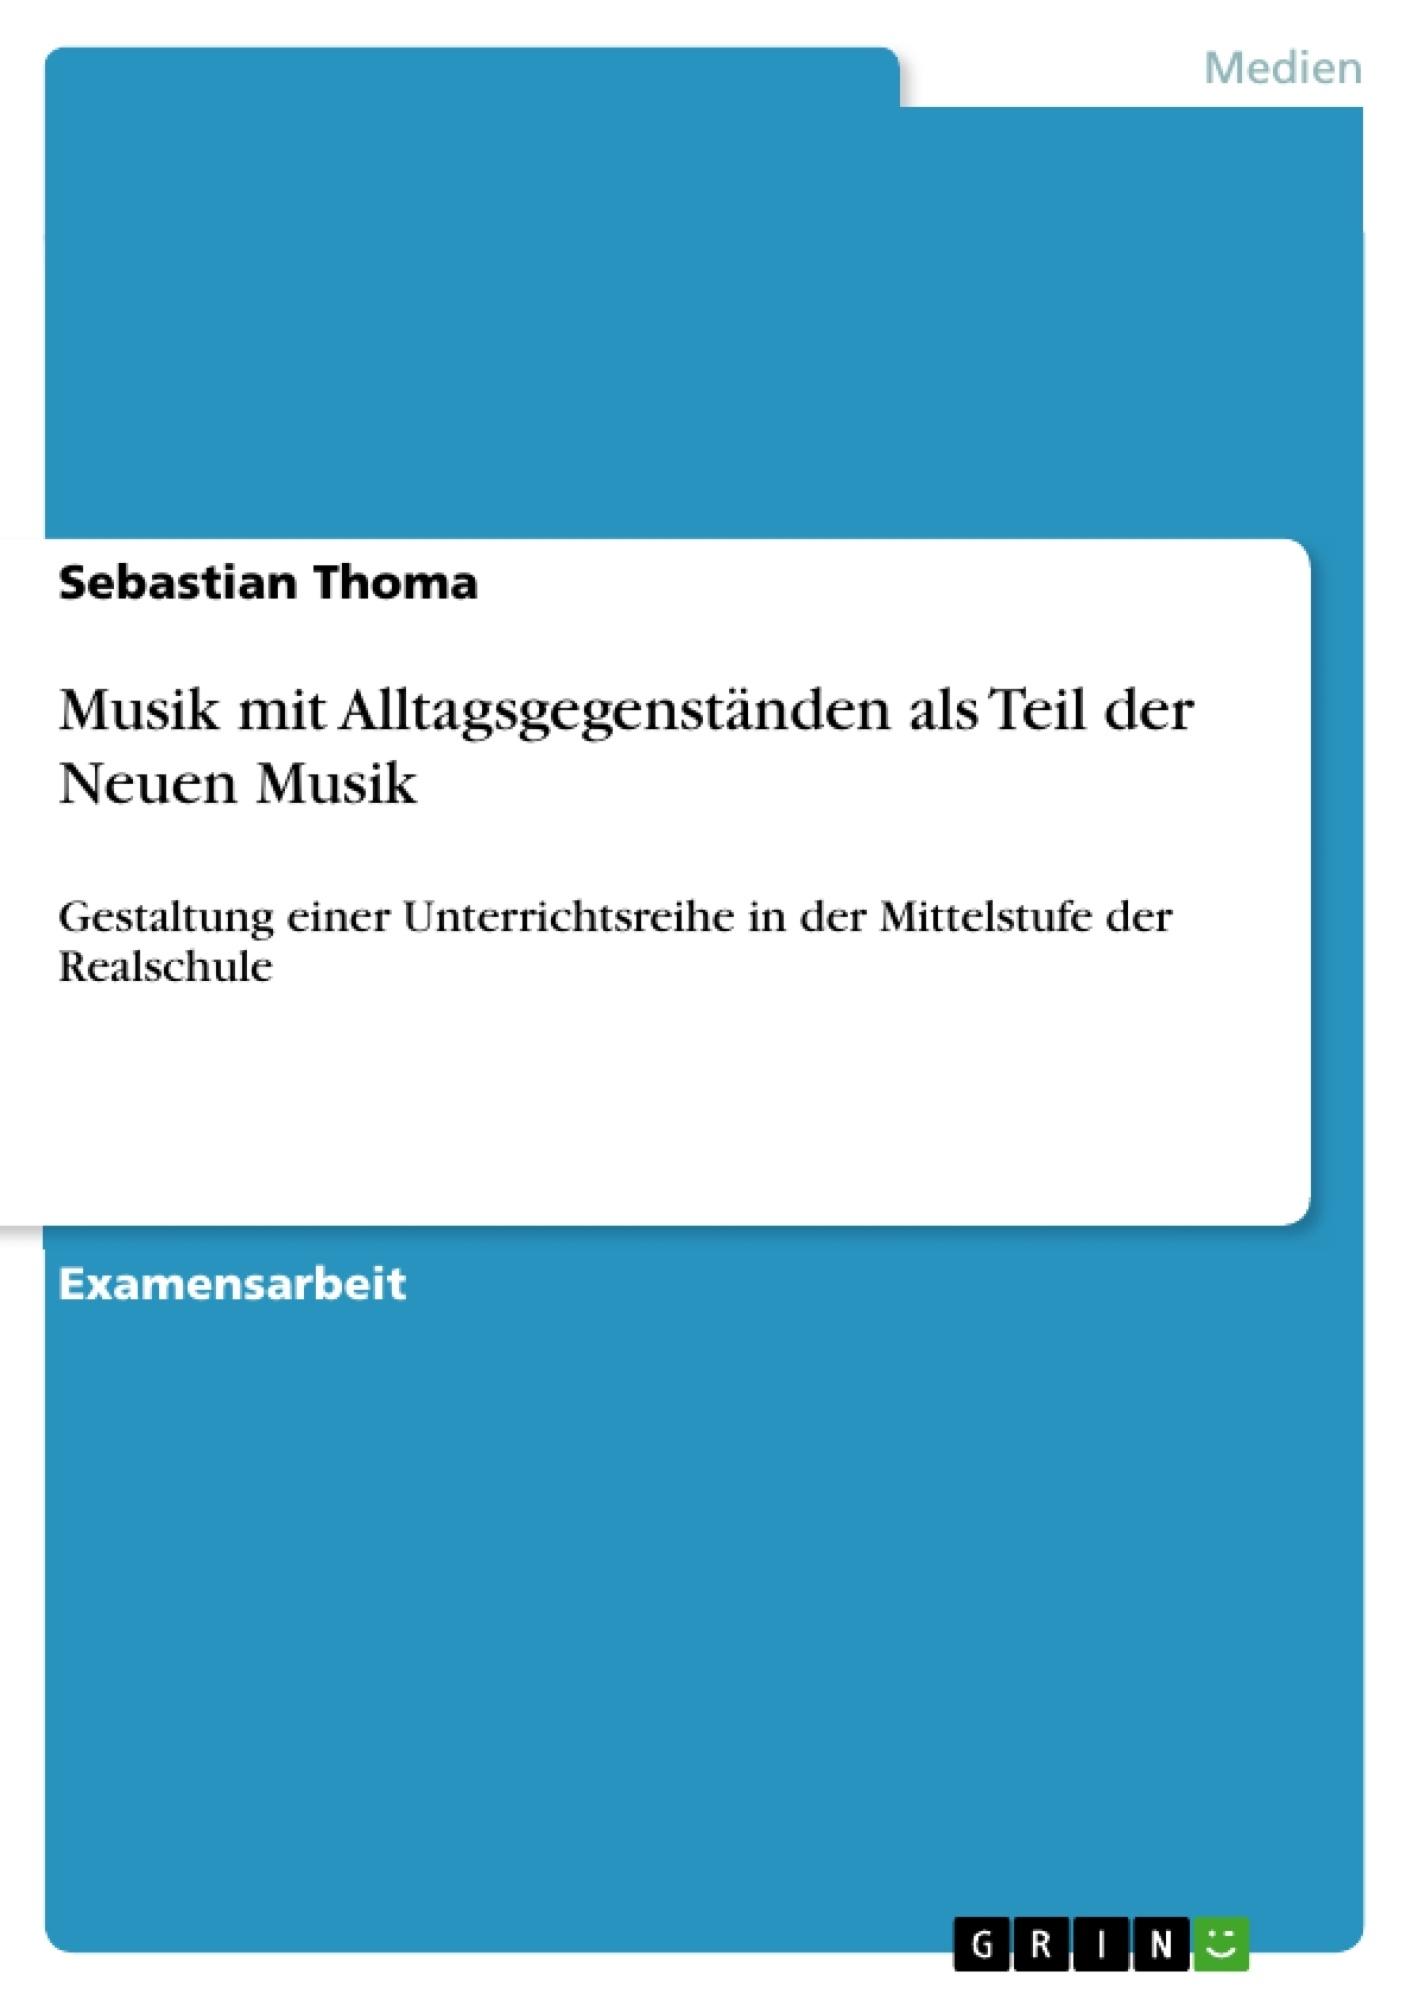 Titel: Musik mit Alltagsgegenständen als Teil der Neuen Musik